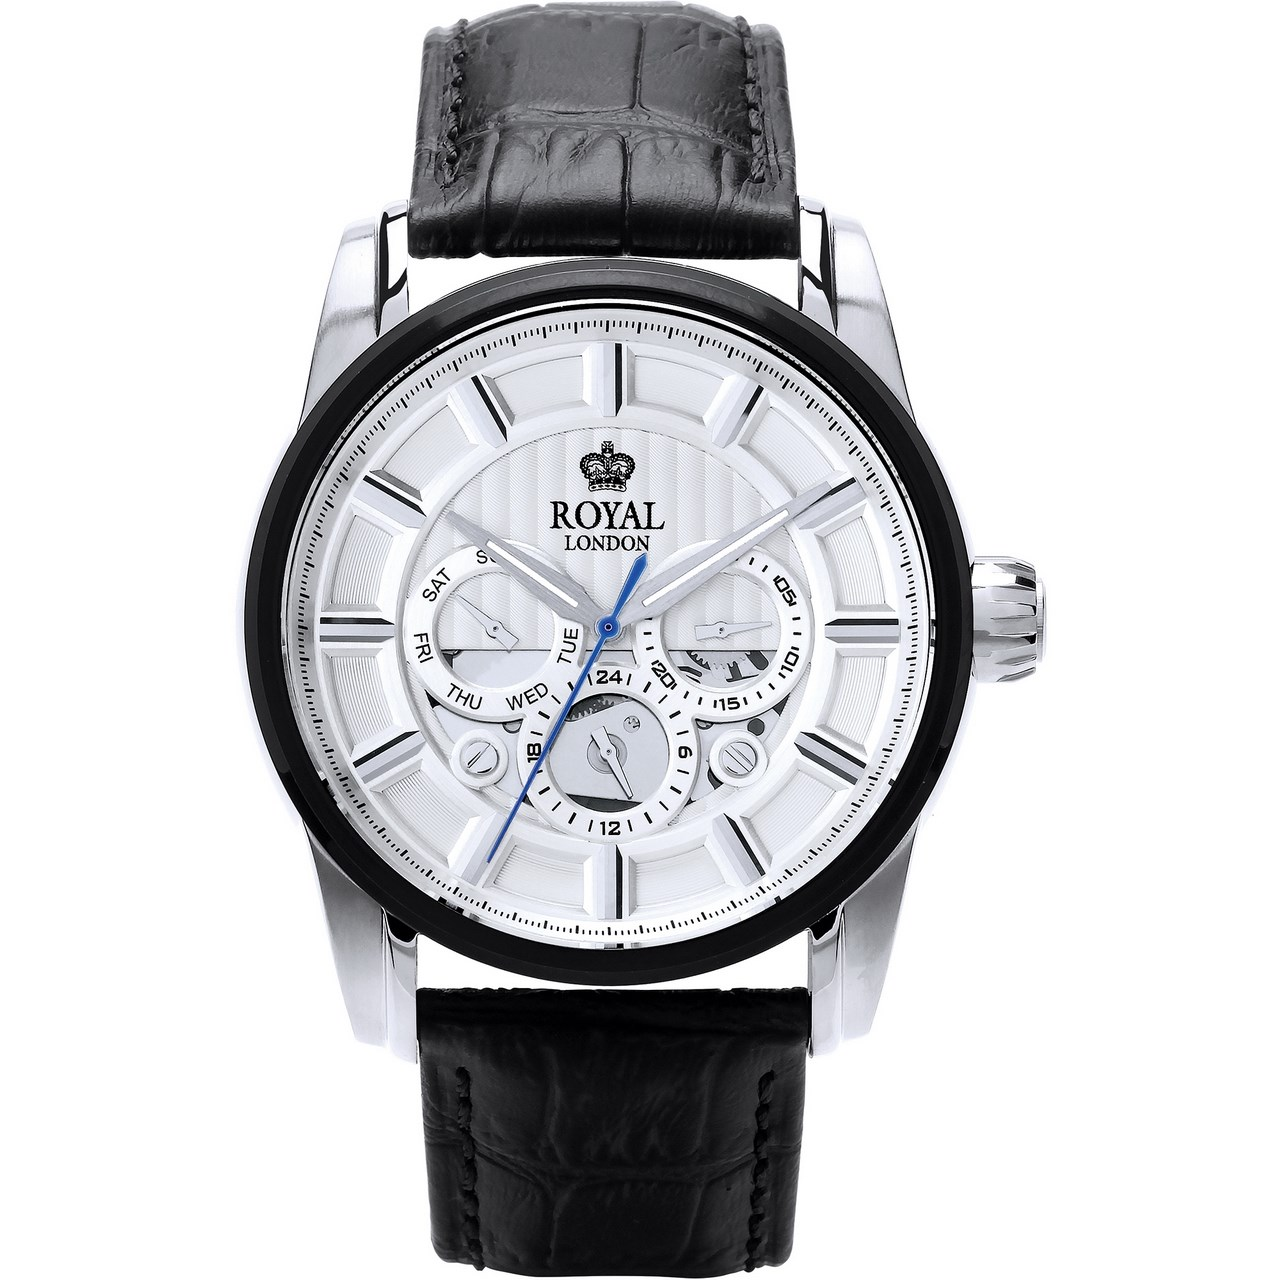 خرید ساعت مچی عقربه ای مردانه رویال لندن مدل RL-41324-02